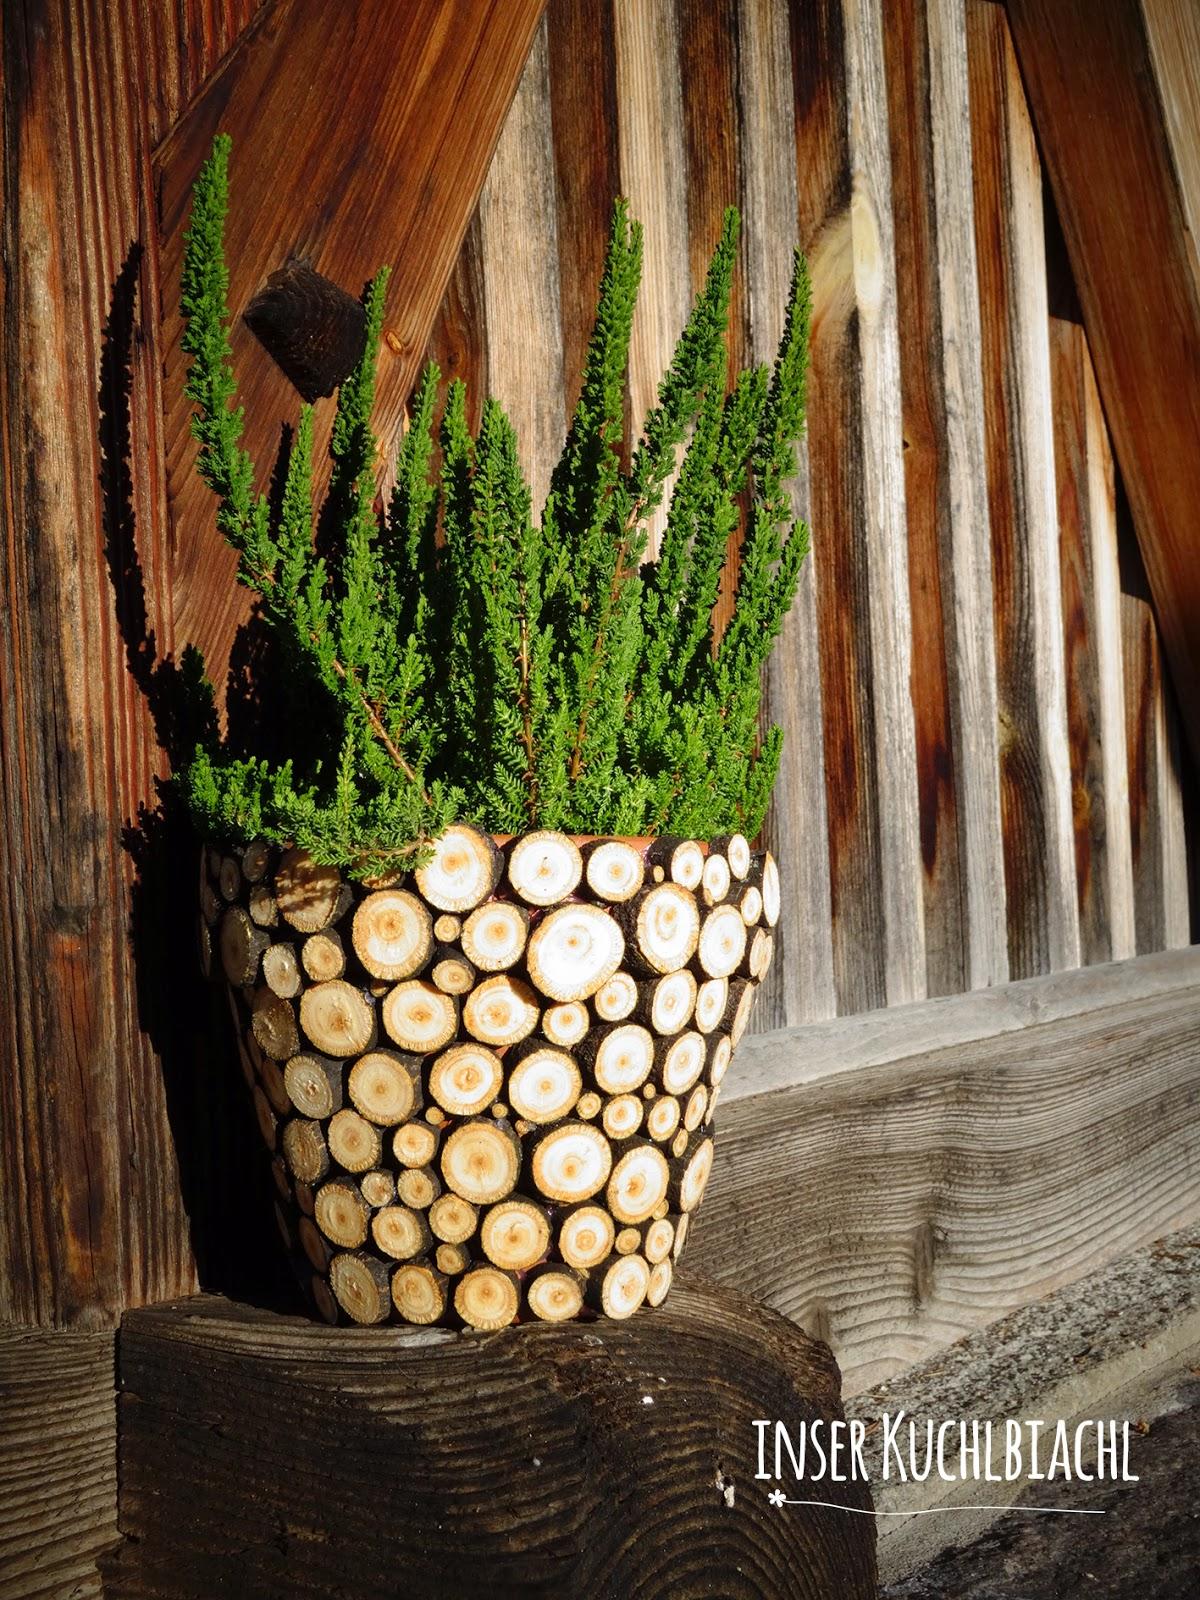 inser kuchlbiachl t rchen nummer 11 sch ne vase mit holzscheiben einfach und simpel und. Black Bedroom Furniture Sets. Home Design Ideas